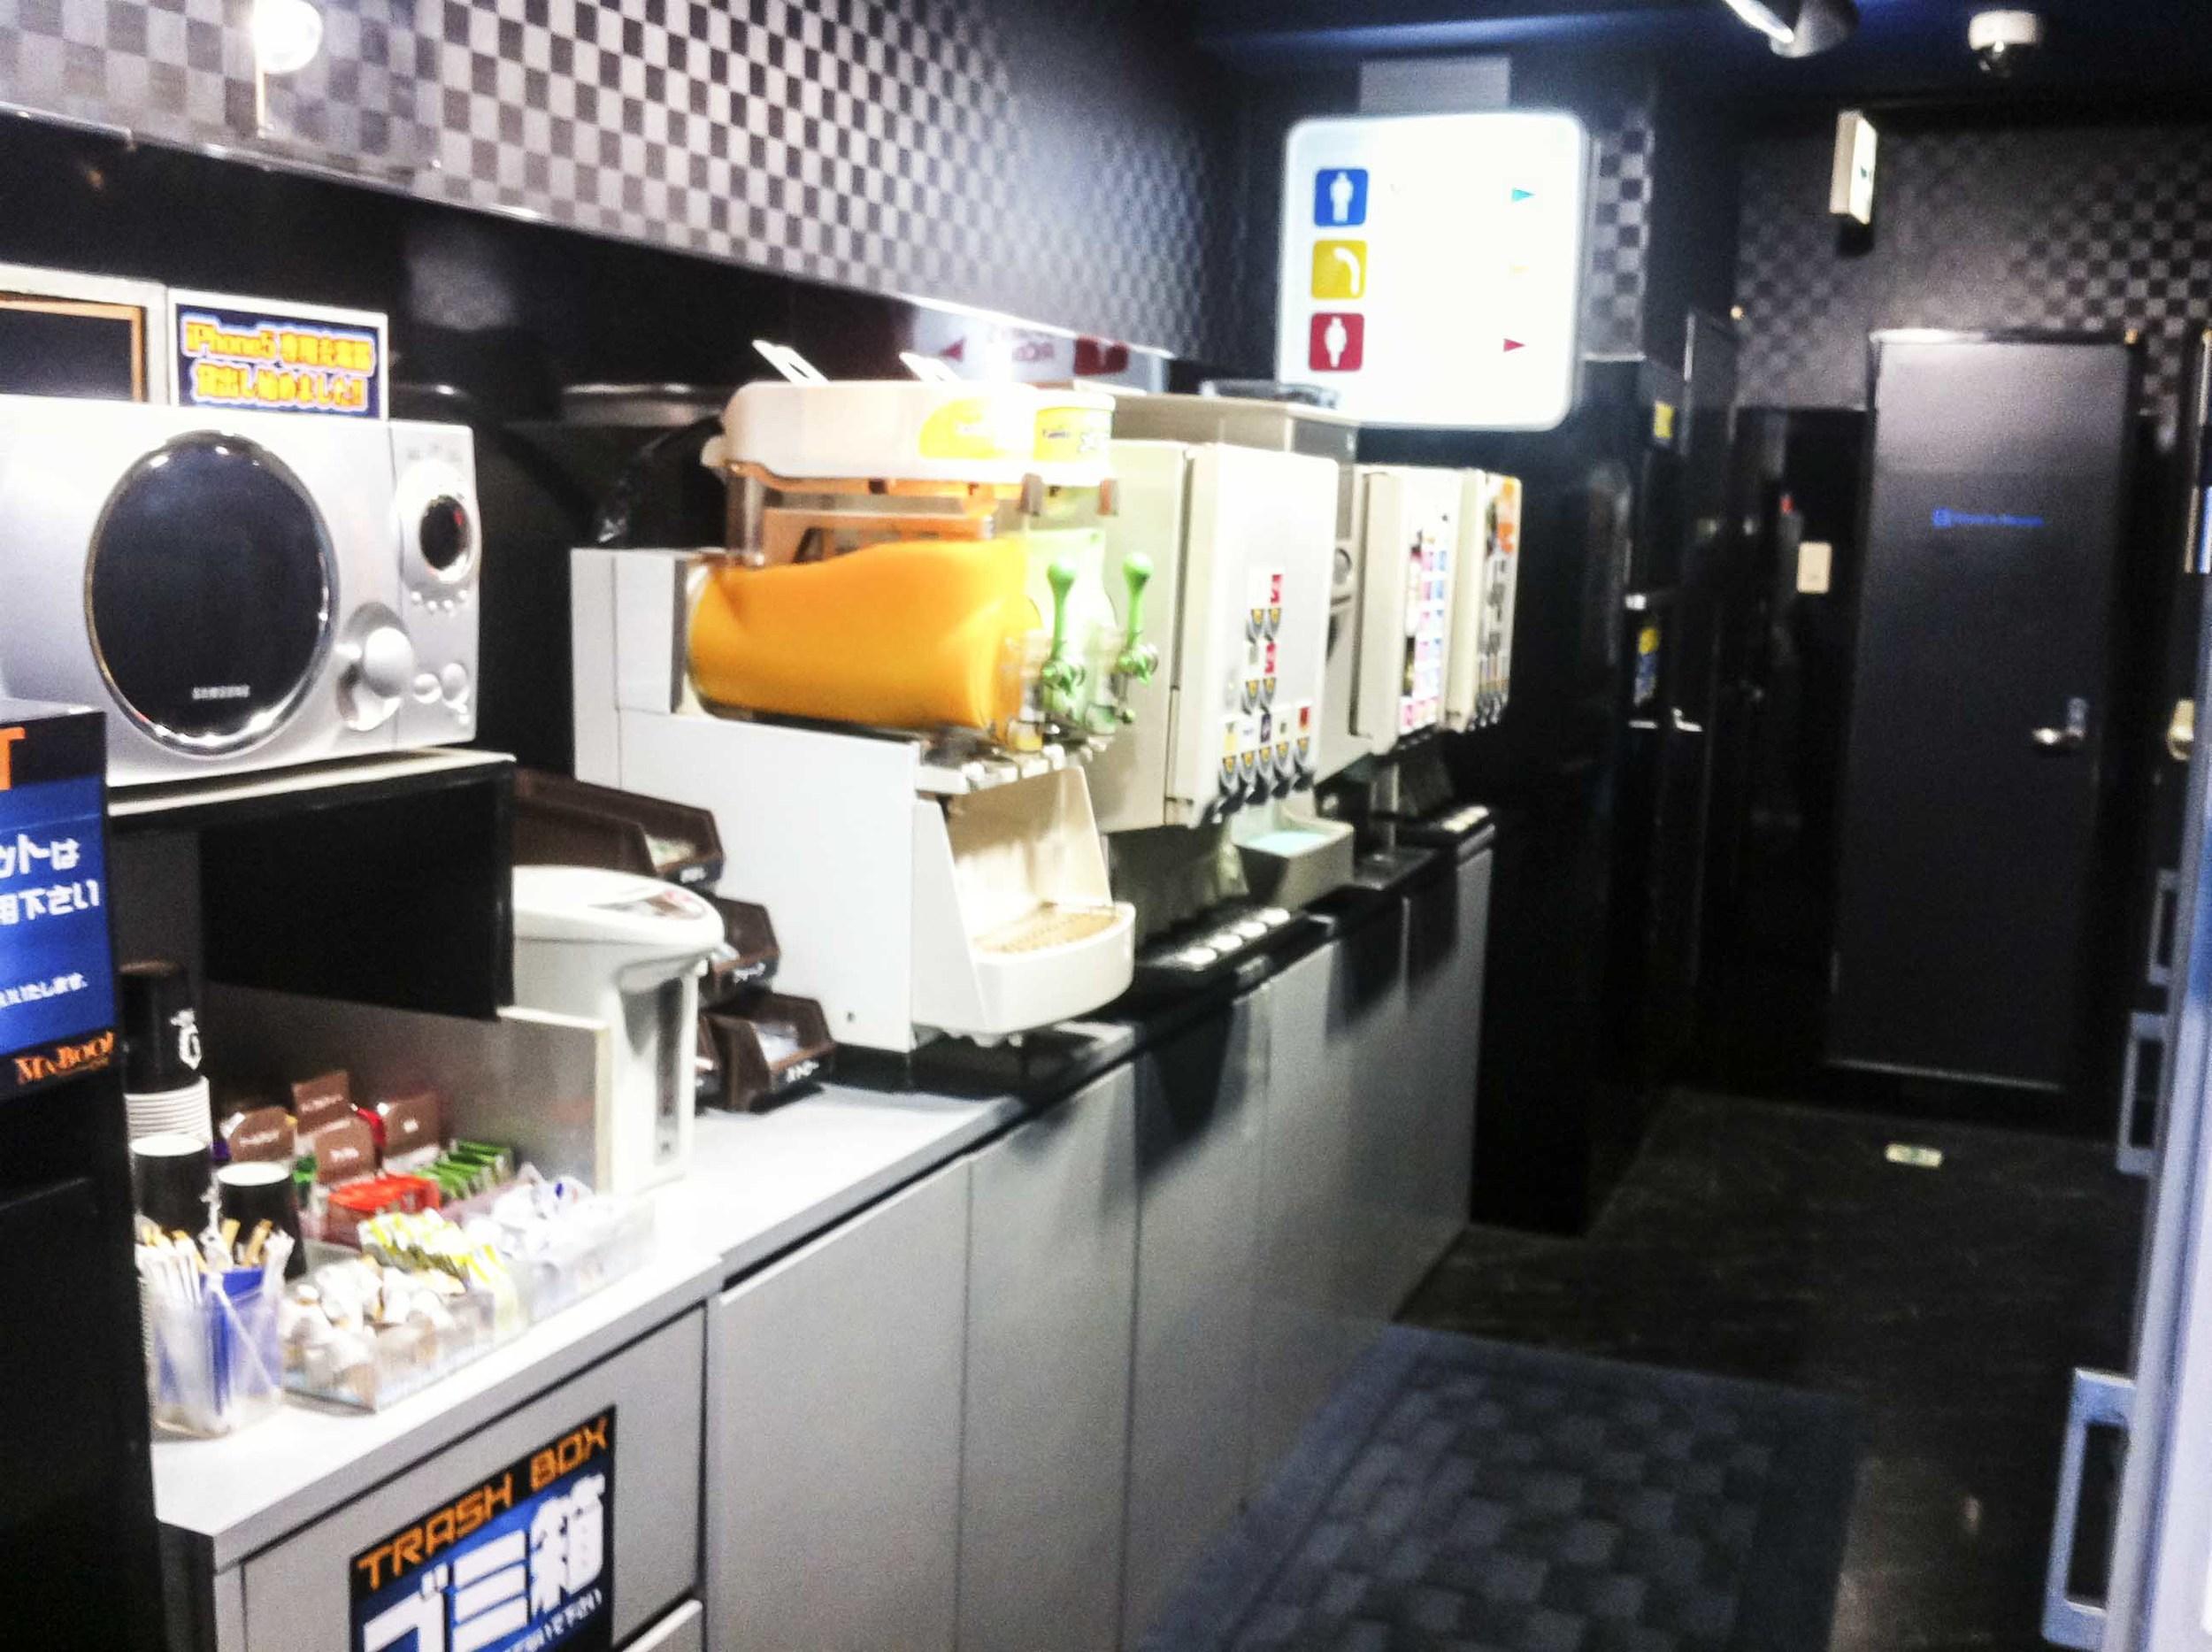 küchen:getränke-bereich copy.jpg